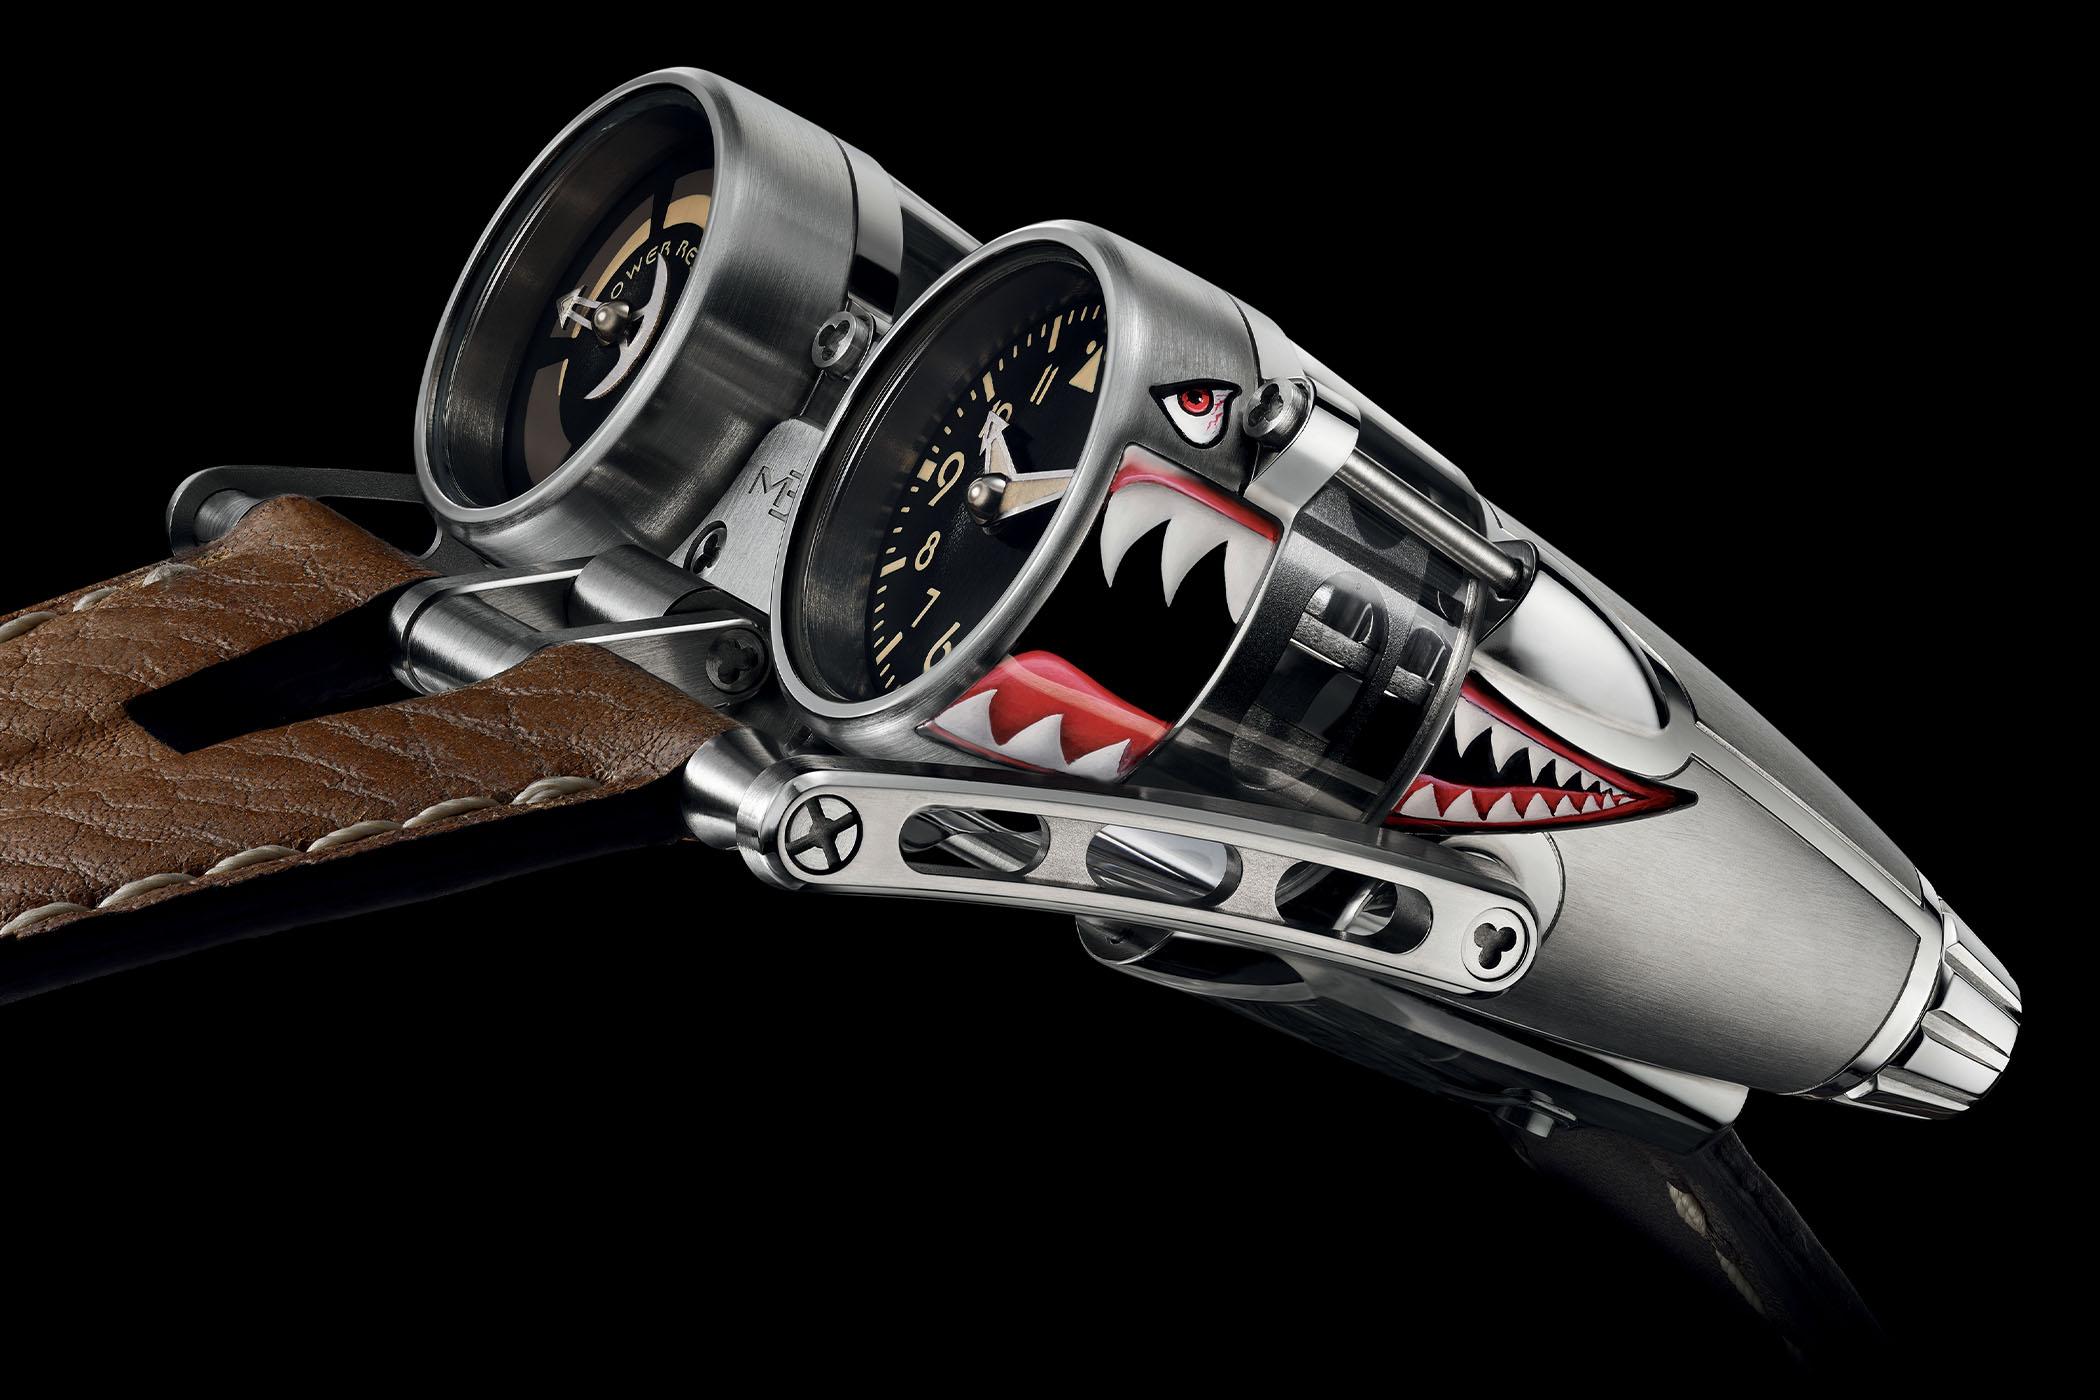 MB&F HM4 Kittyhawk prototype piece unique noseart